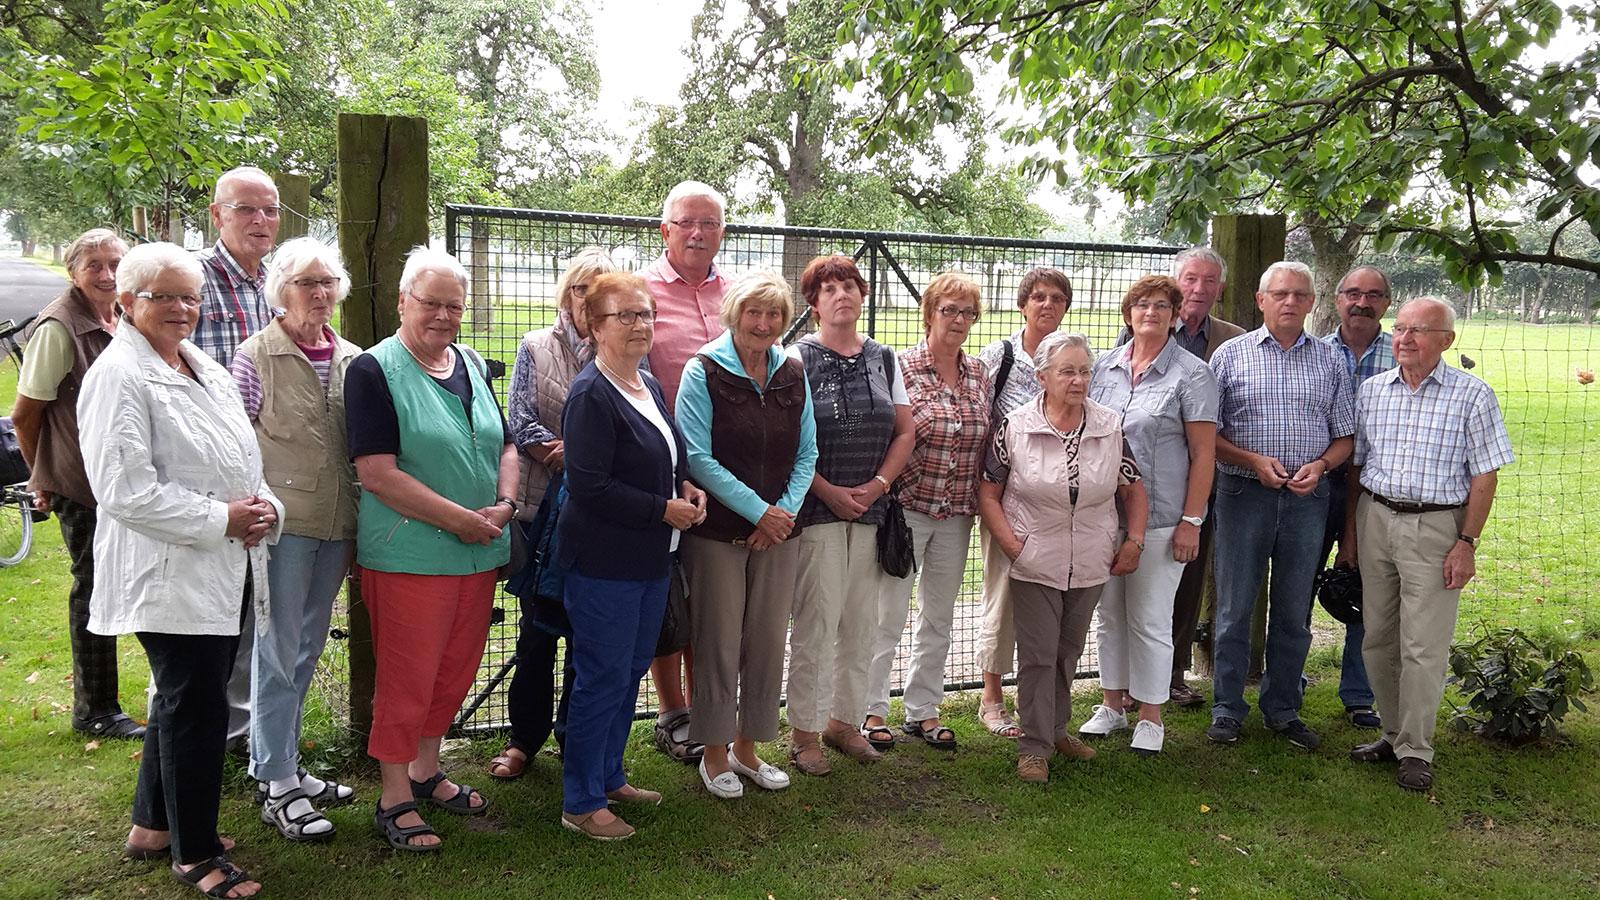 Das Foto zeigt die Teilnehme:innen beim Besuch des Bauernhofcafés Eichenhof in Everswinkel am 26. 08. 2017.